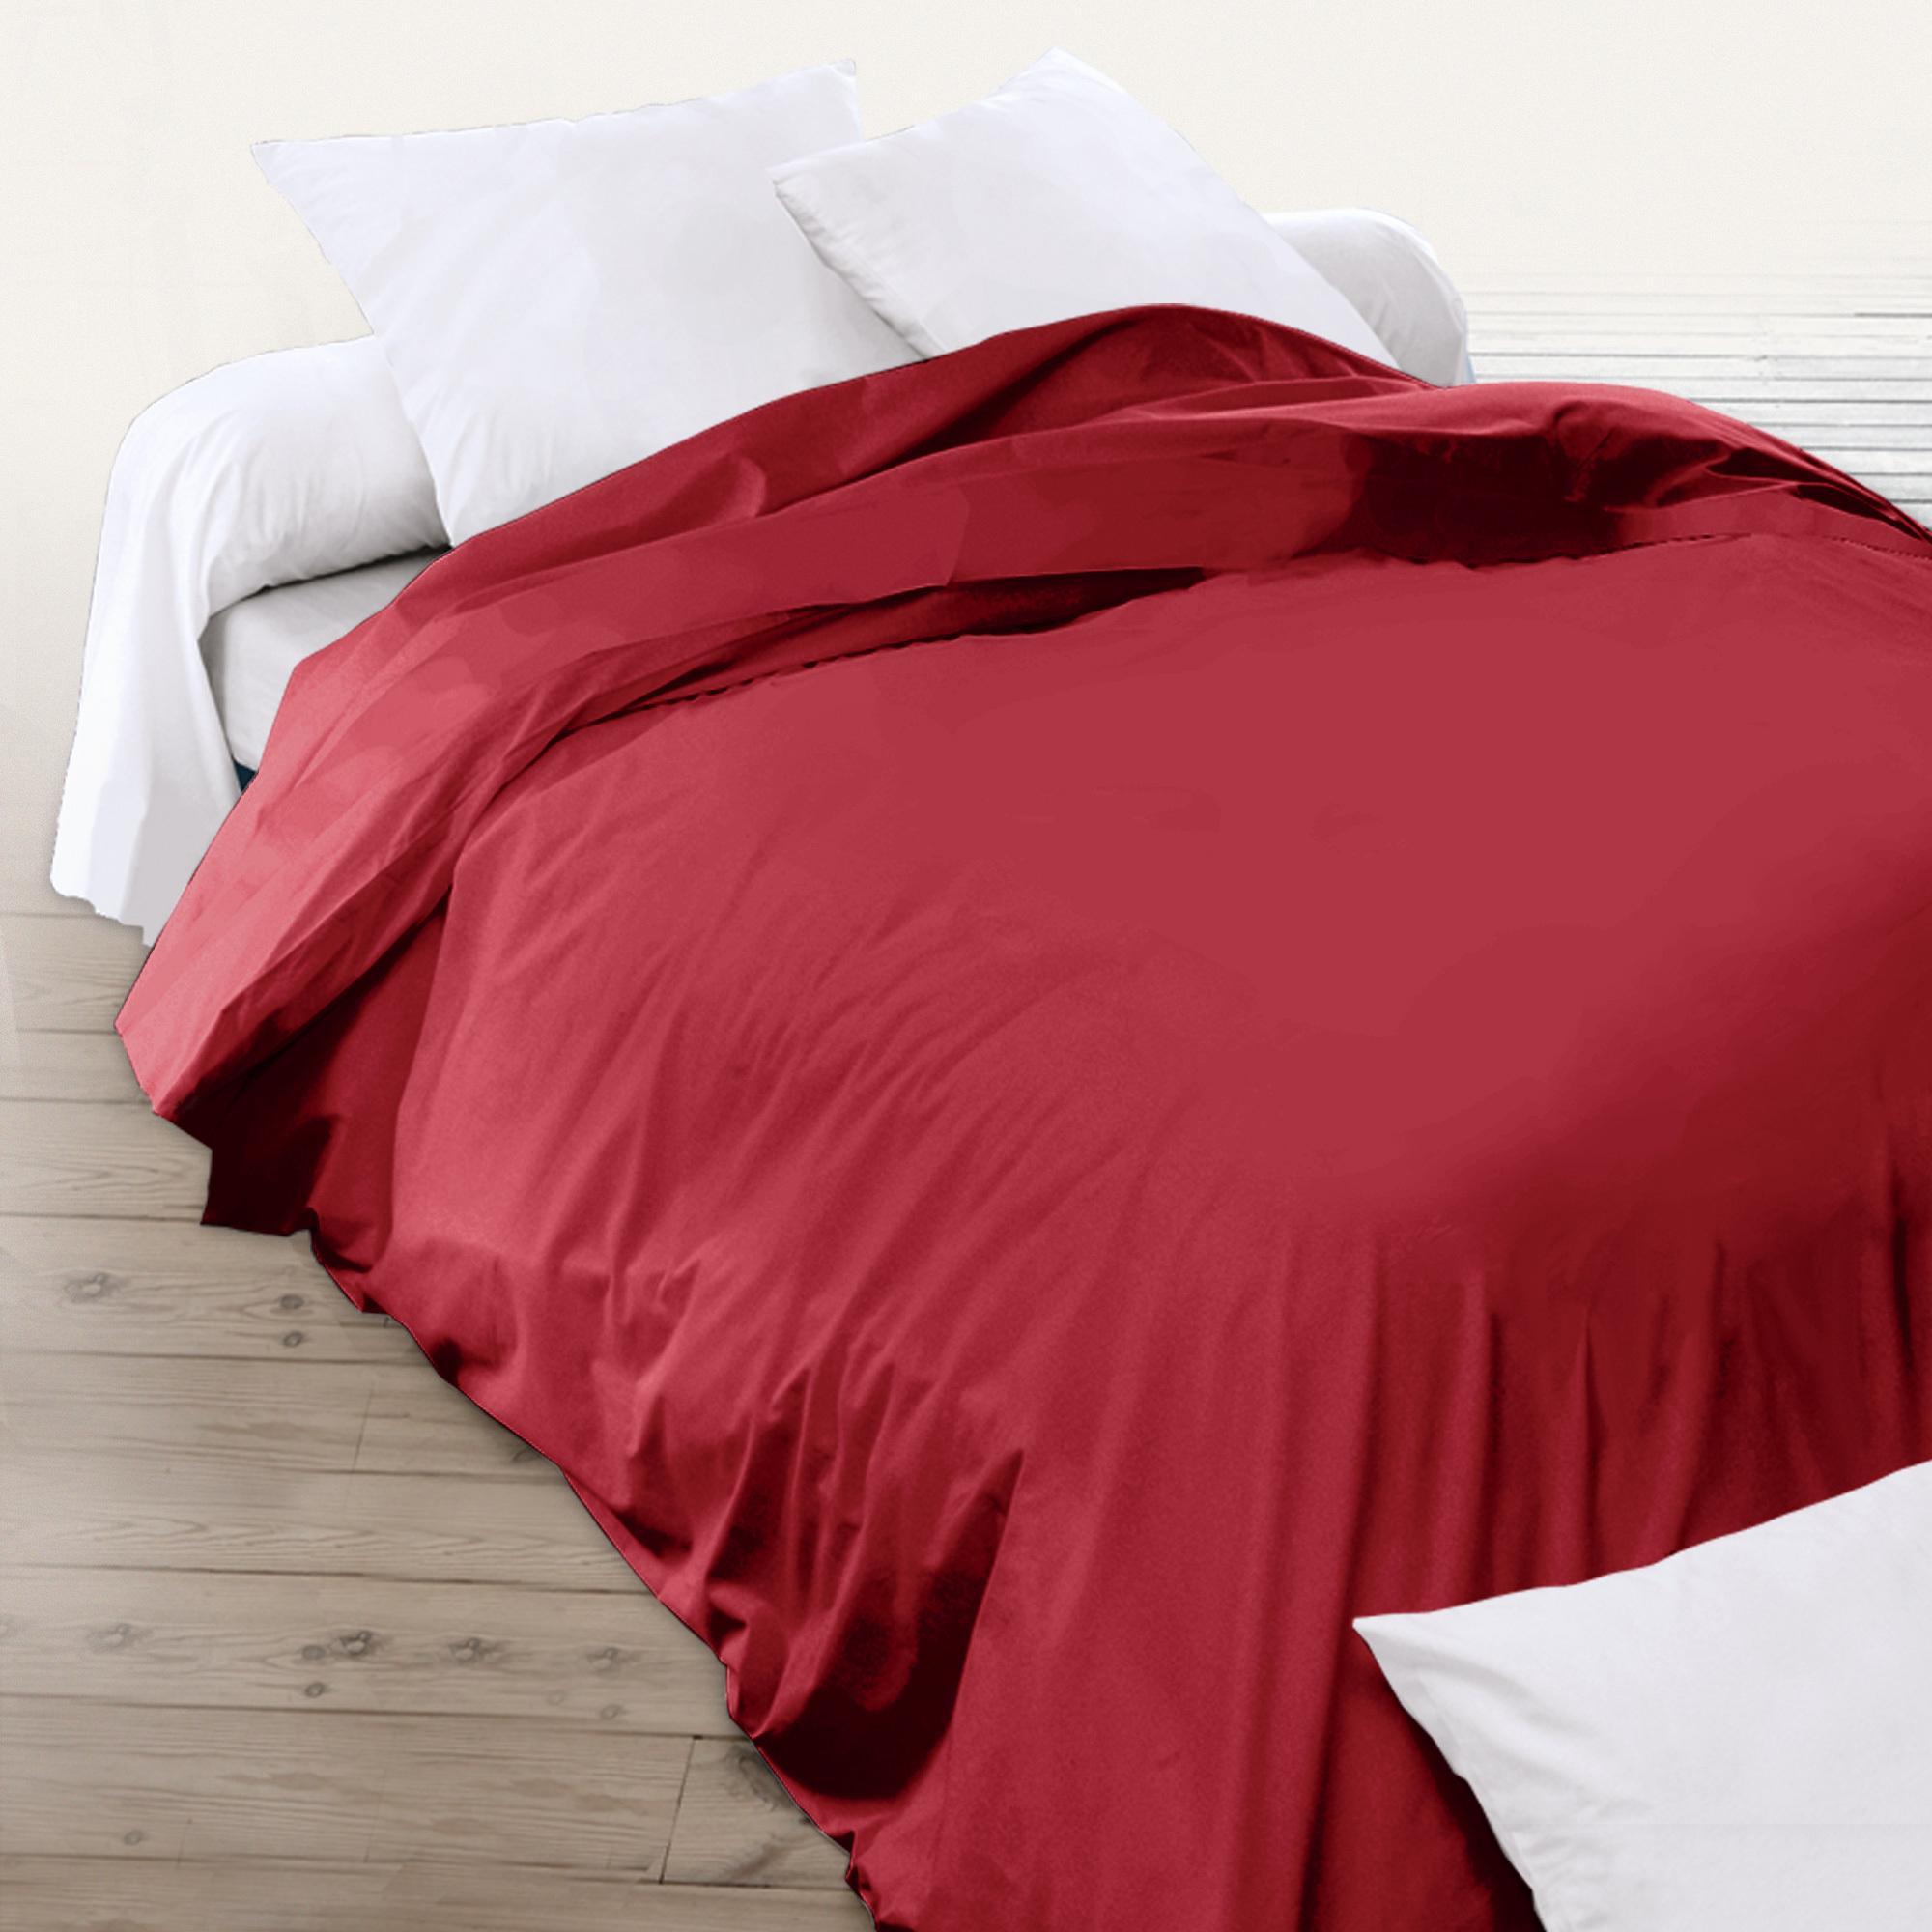 housse de couette 260x240cm uni pur coton alto rouge garance linnea vente de linge de maison. Black Bedroom Furniture Sets. Home Design Ideas